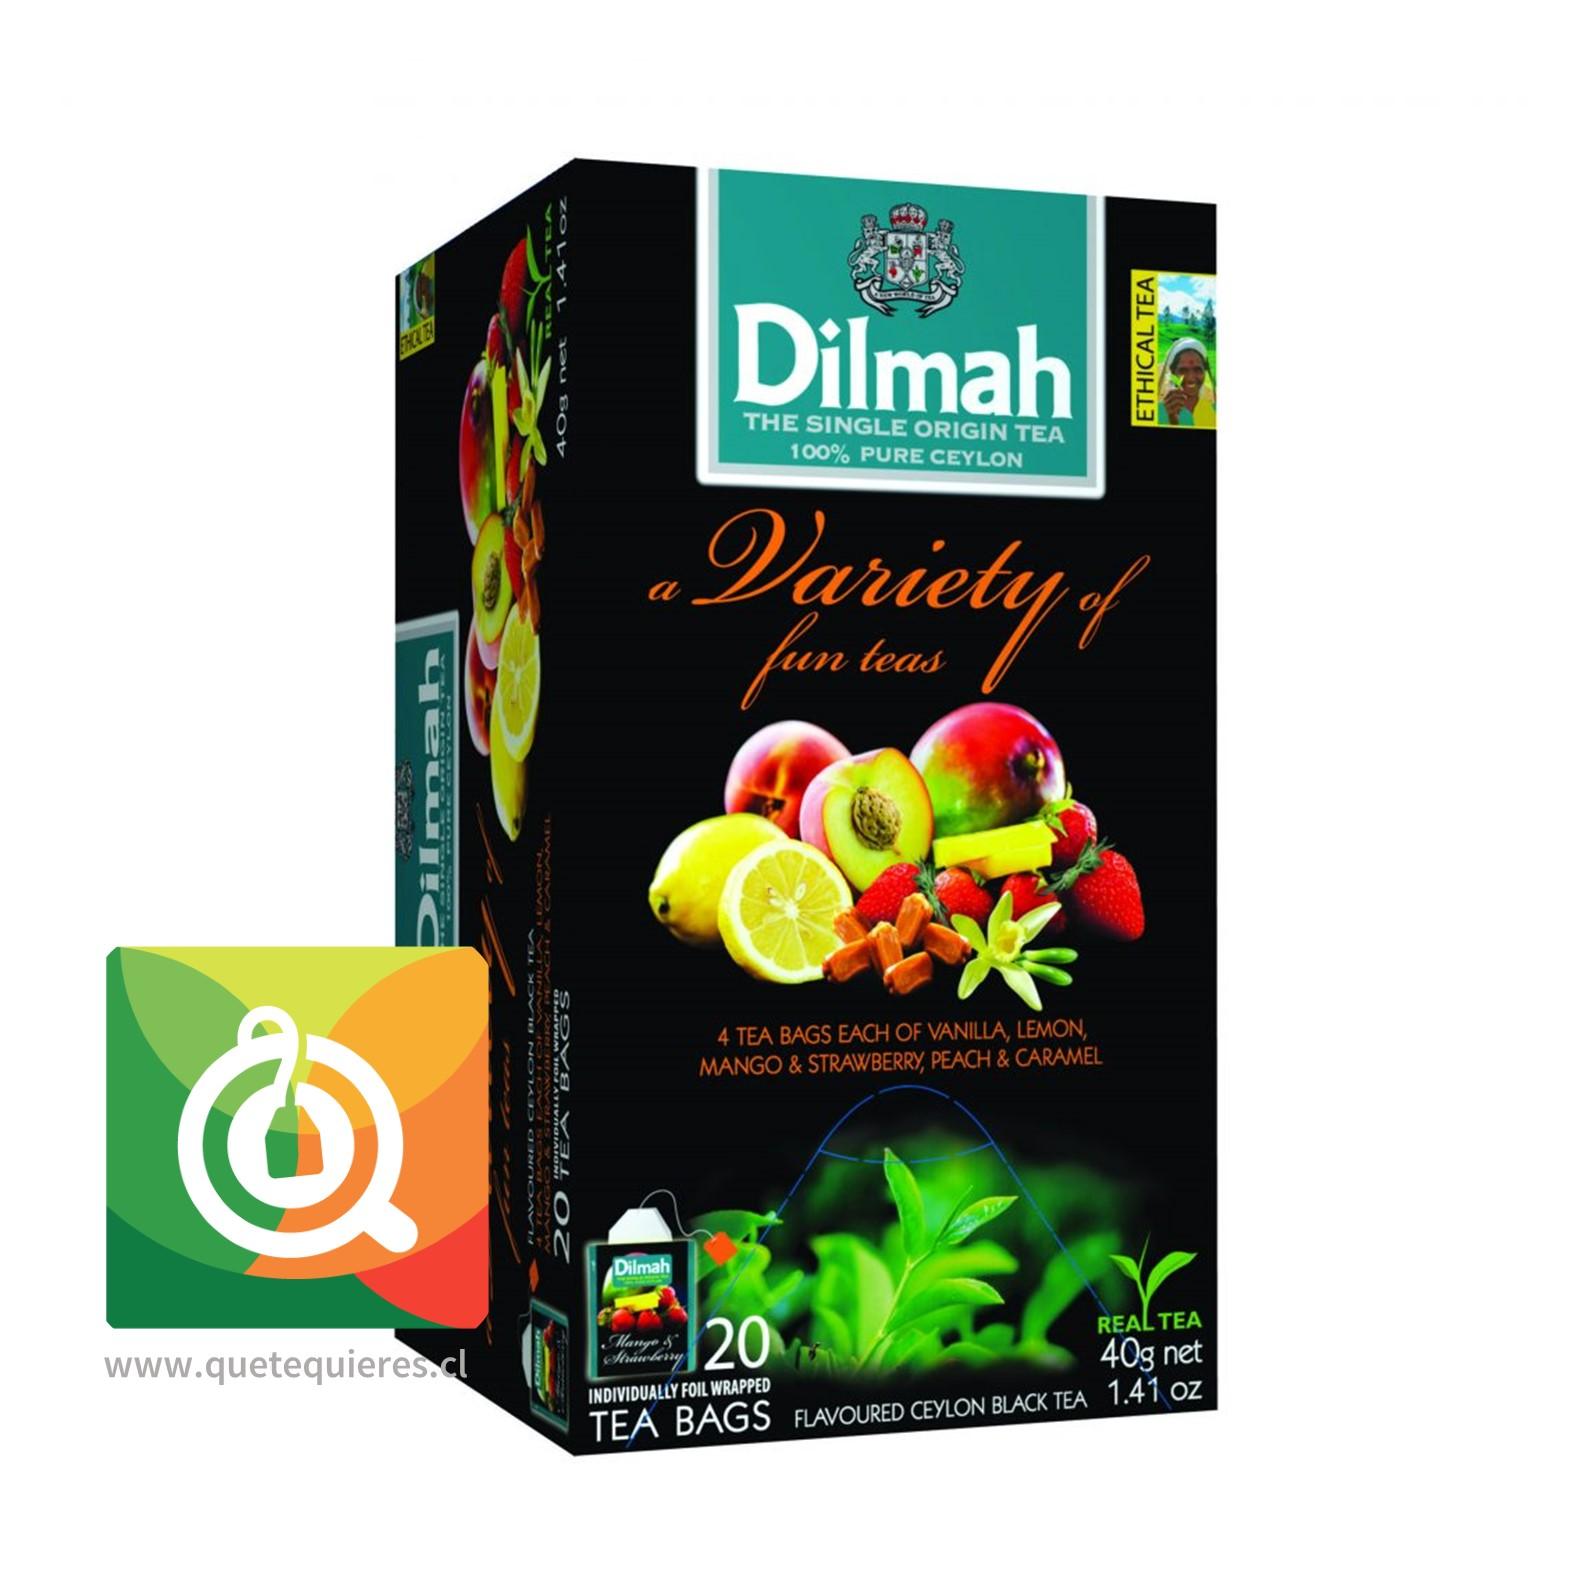 Dilmah Tés Negros Variety Of Fun Teas - Image 1